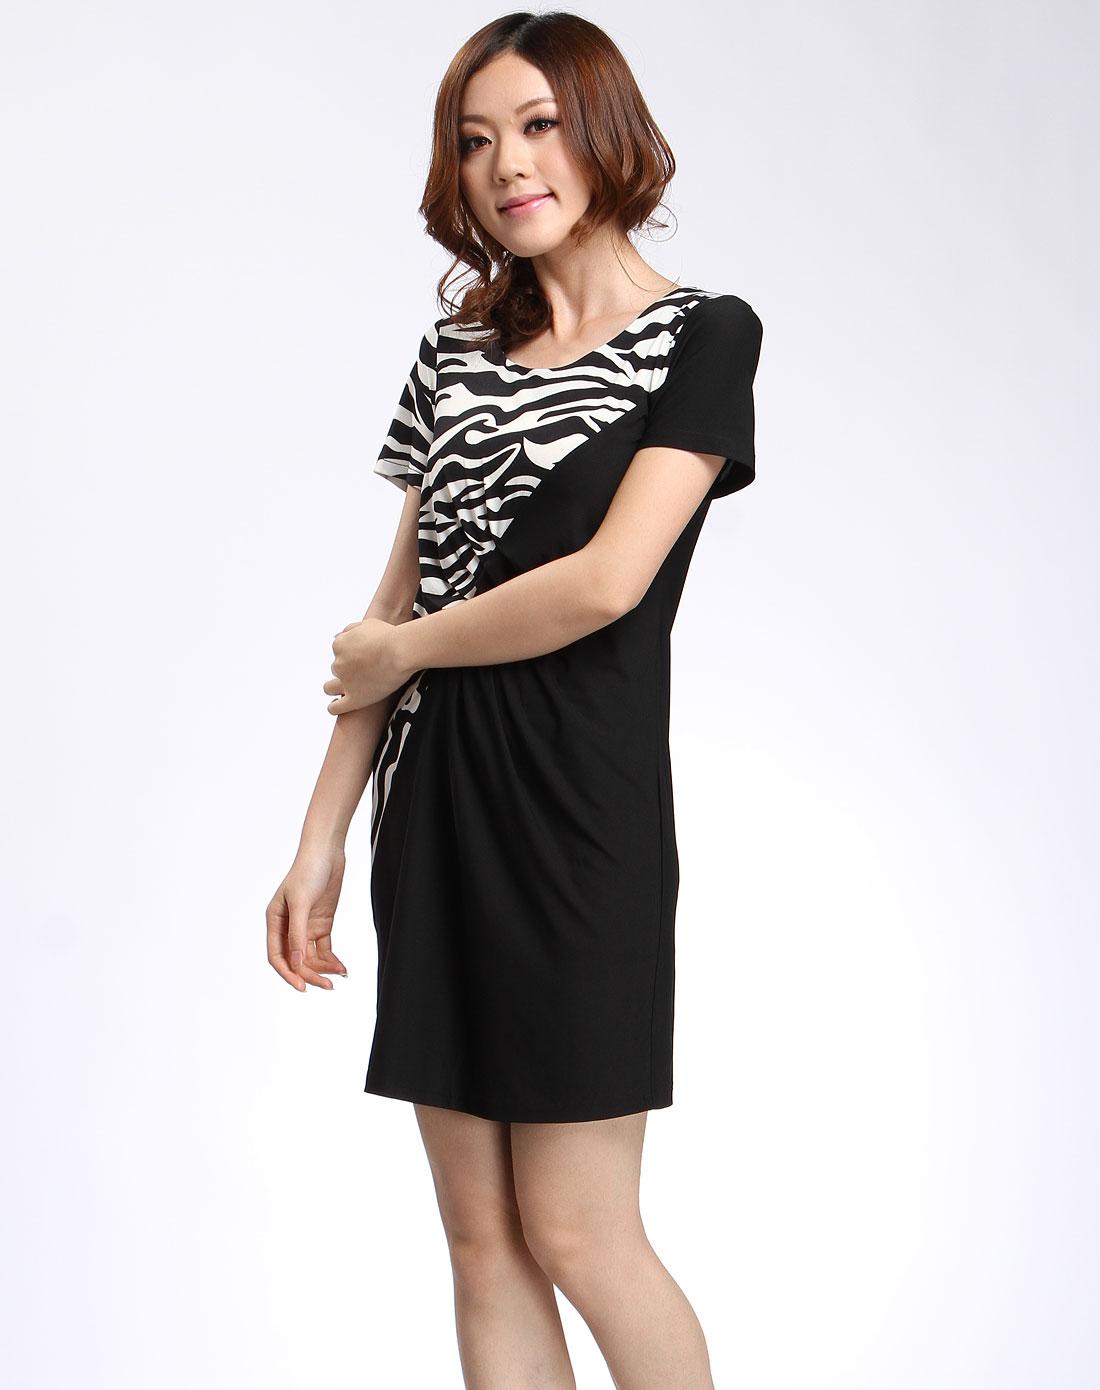 黑色时尚花纹短袖连衣裙